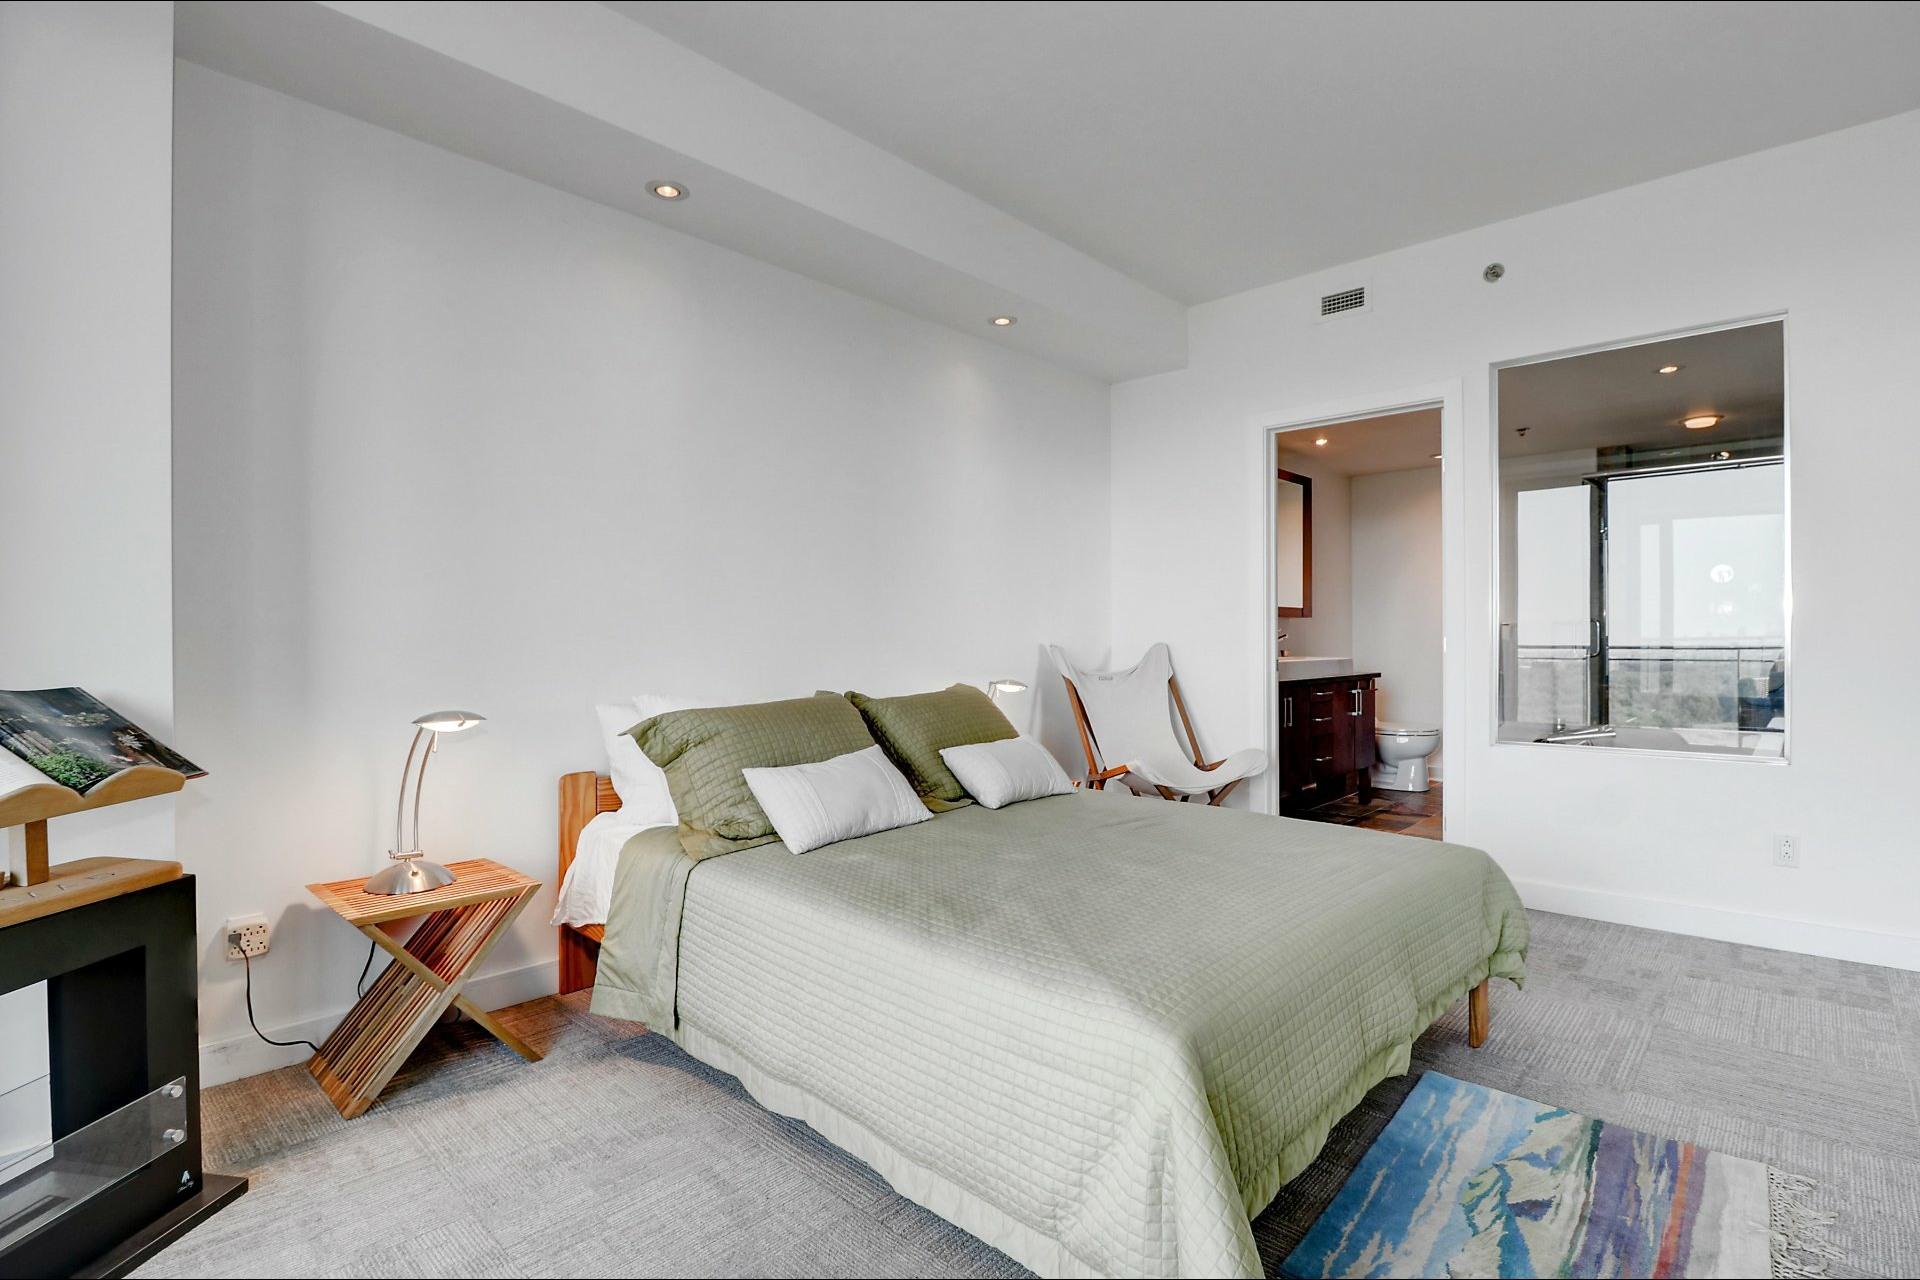 image 17 - Appartement À vendre Montréal Verdun/Île-des-Soeurs  - 9 pièces